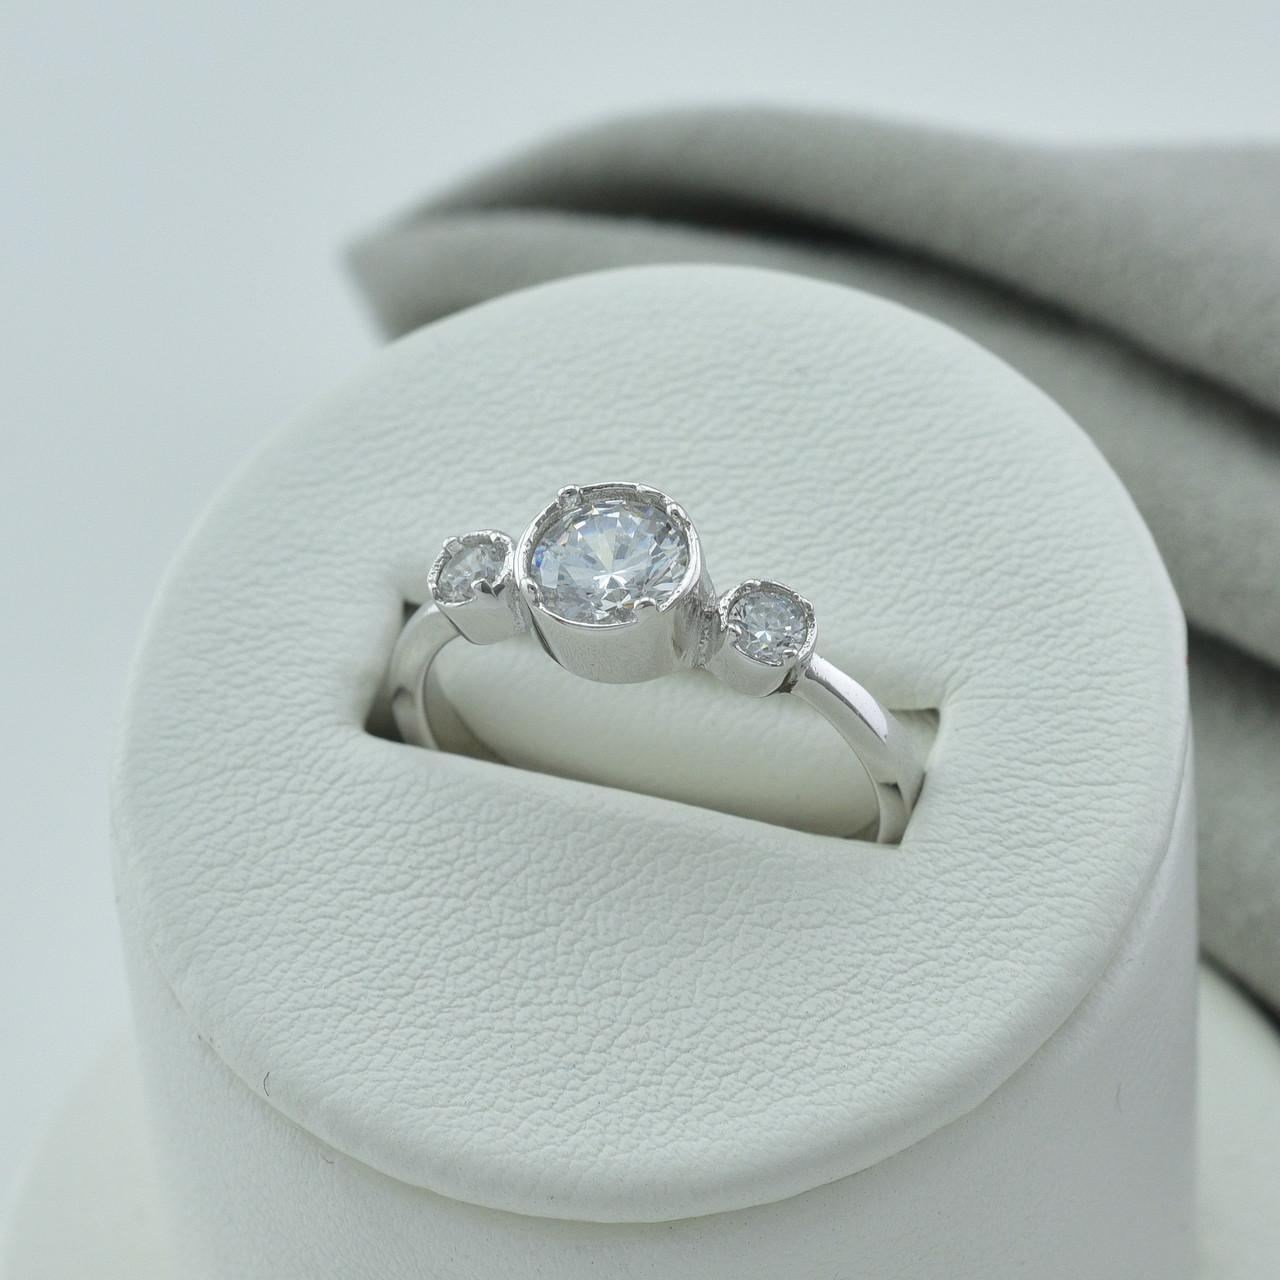 Серебряное кольцо размер 19.5 вставка белые фианиты вес 3.15 г